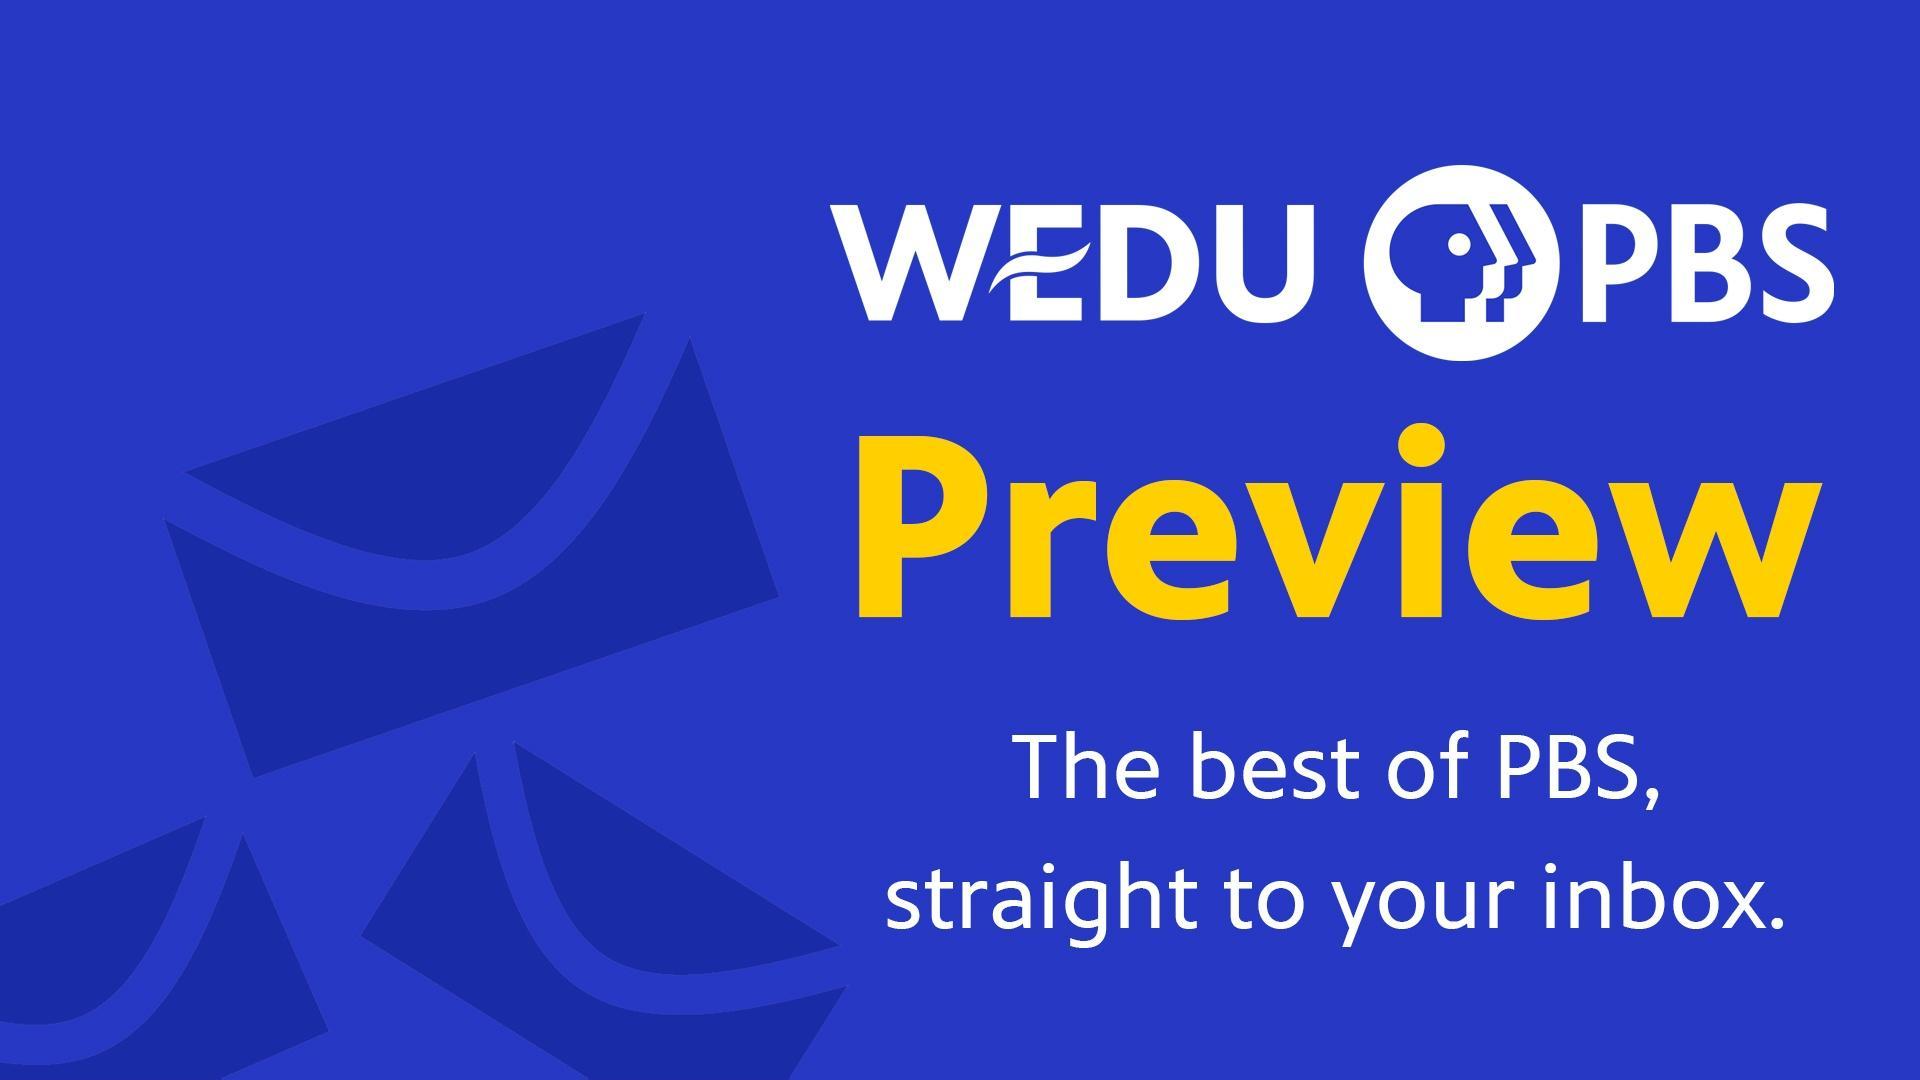 WEDU PBS Newsletter